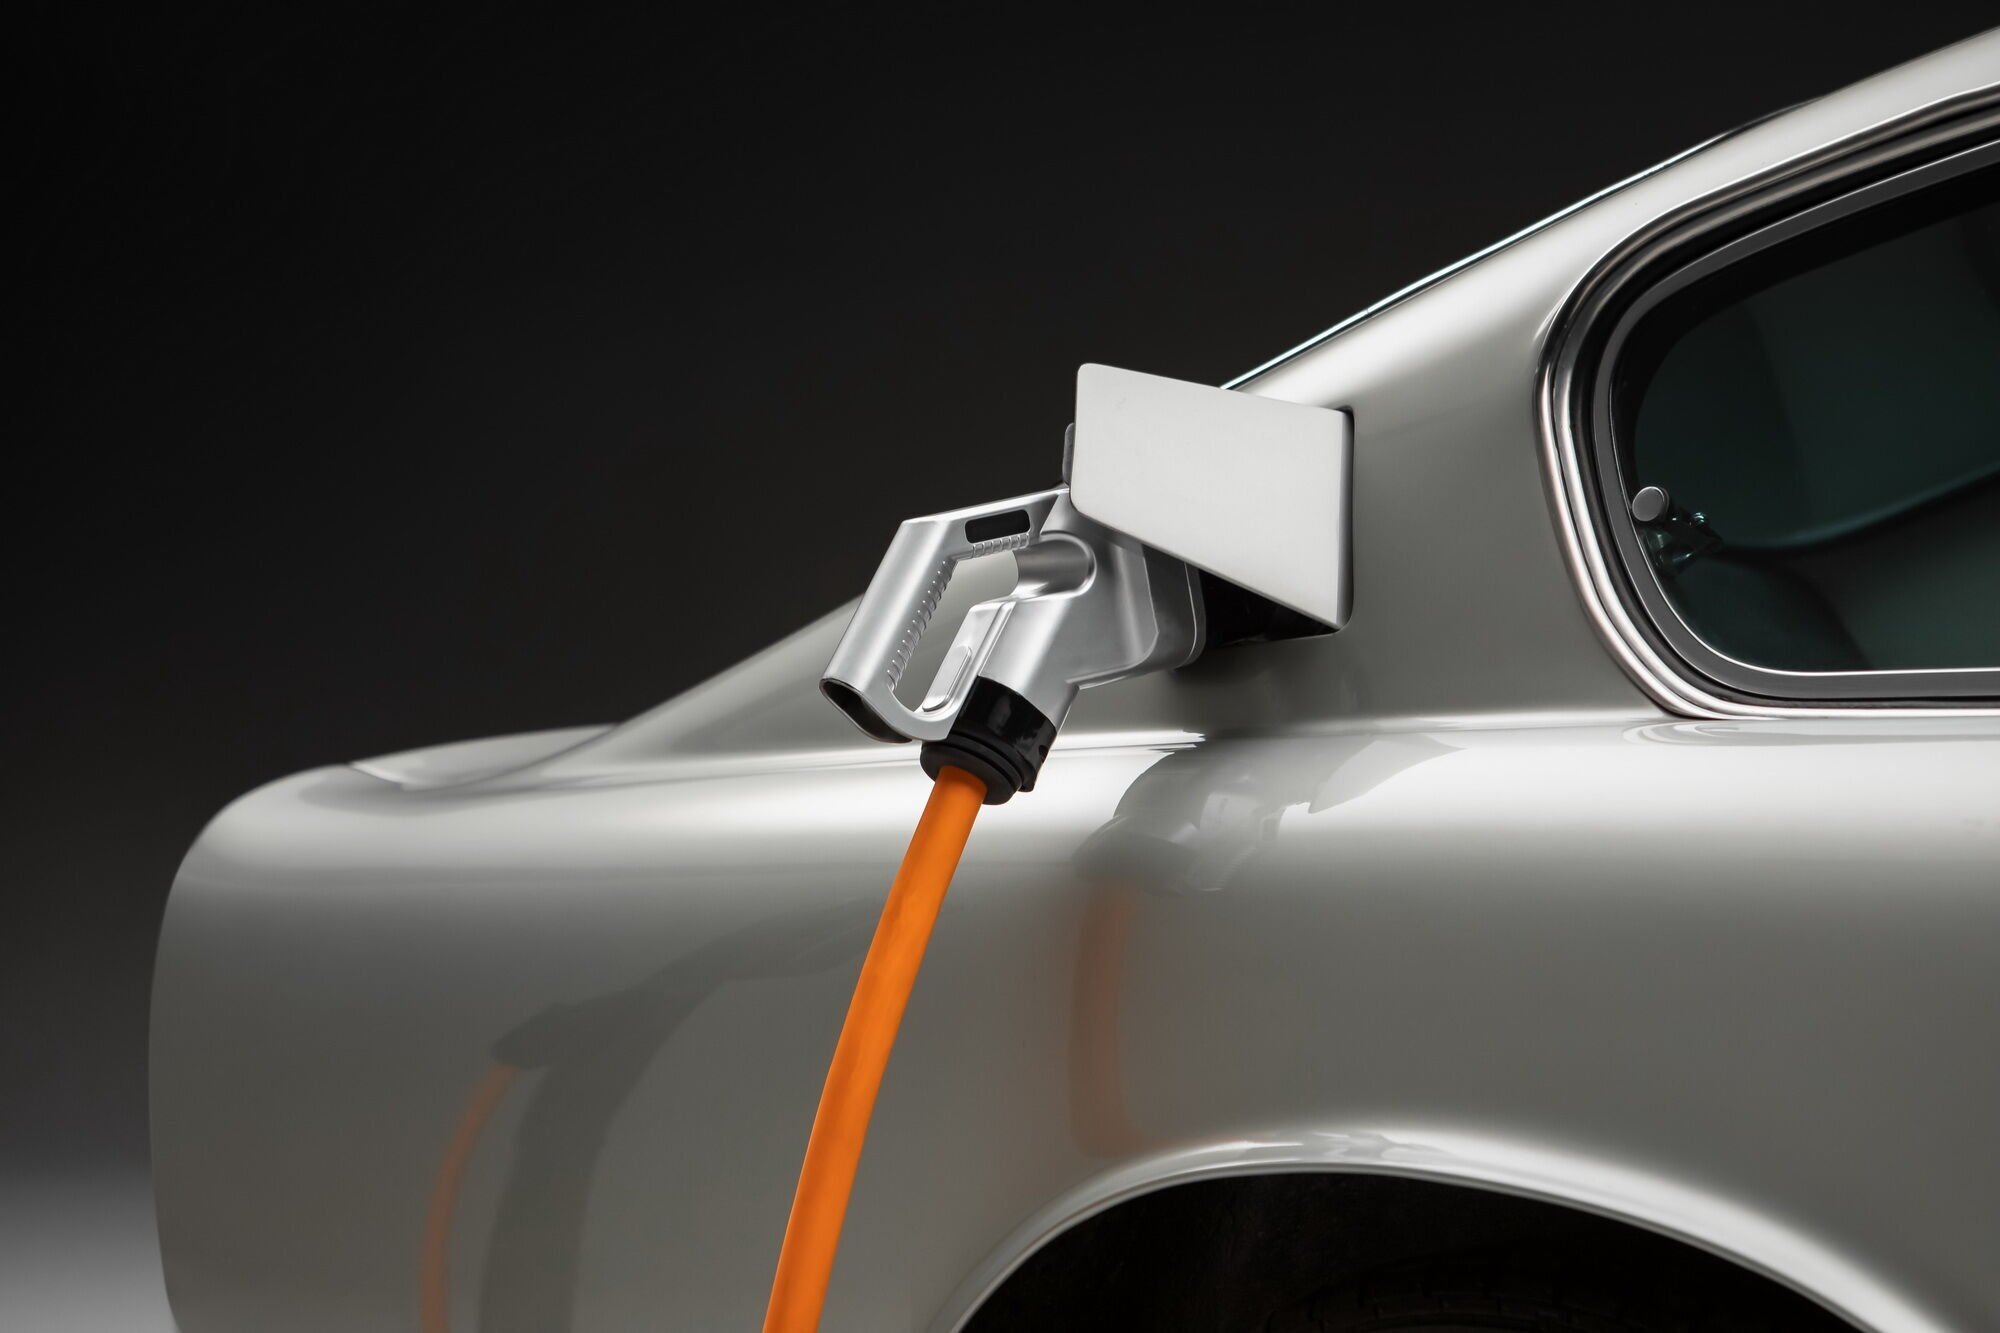 Удовольствие прокатиться с ветерком на классическом Aston Martin DB6 с электроприводом обойдется минимум в $1 миллион